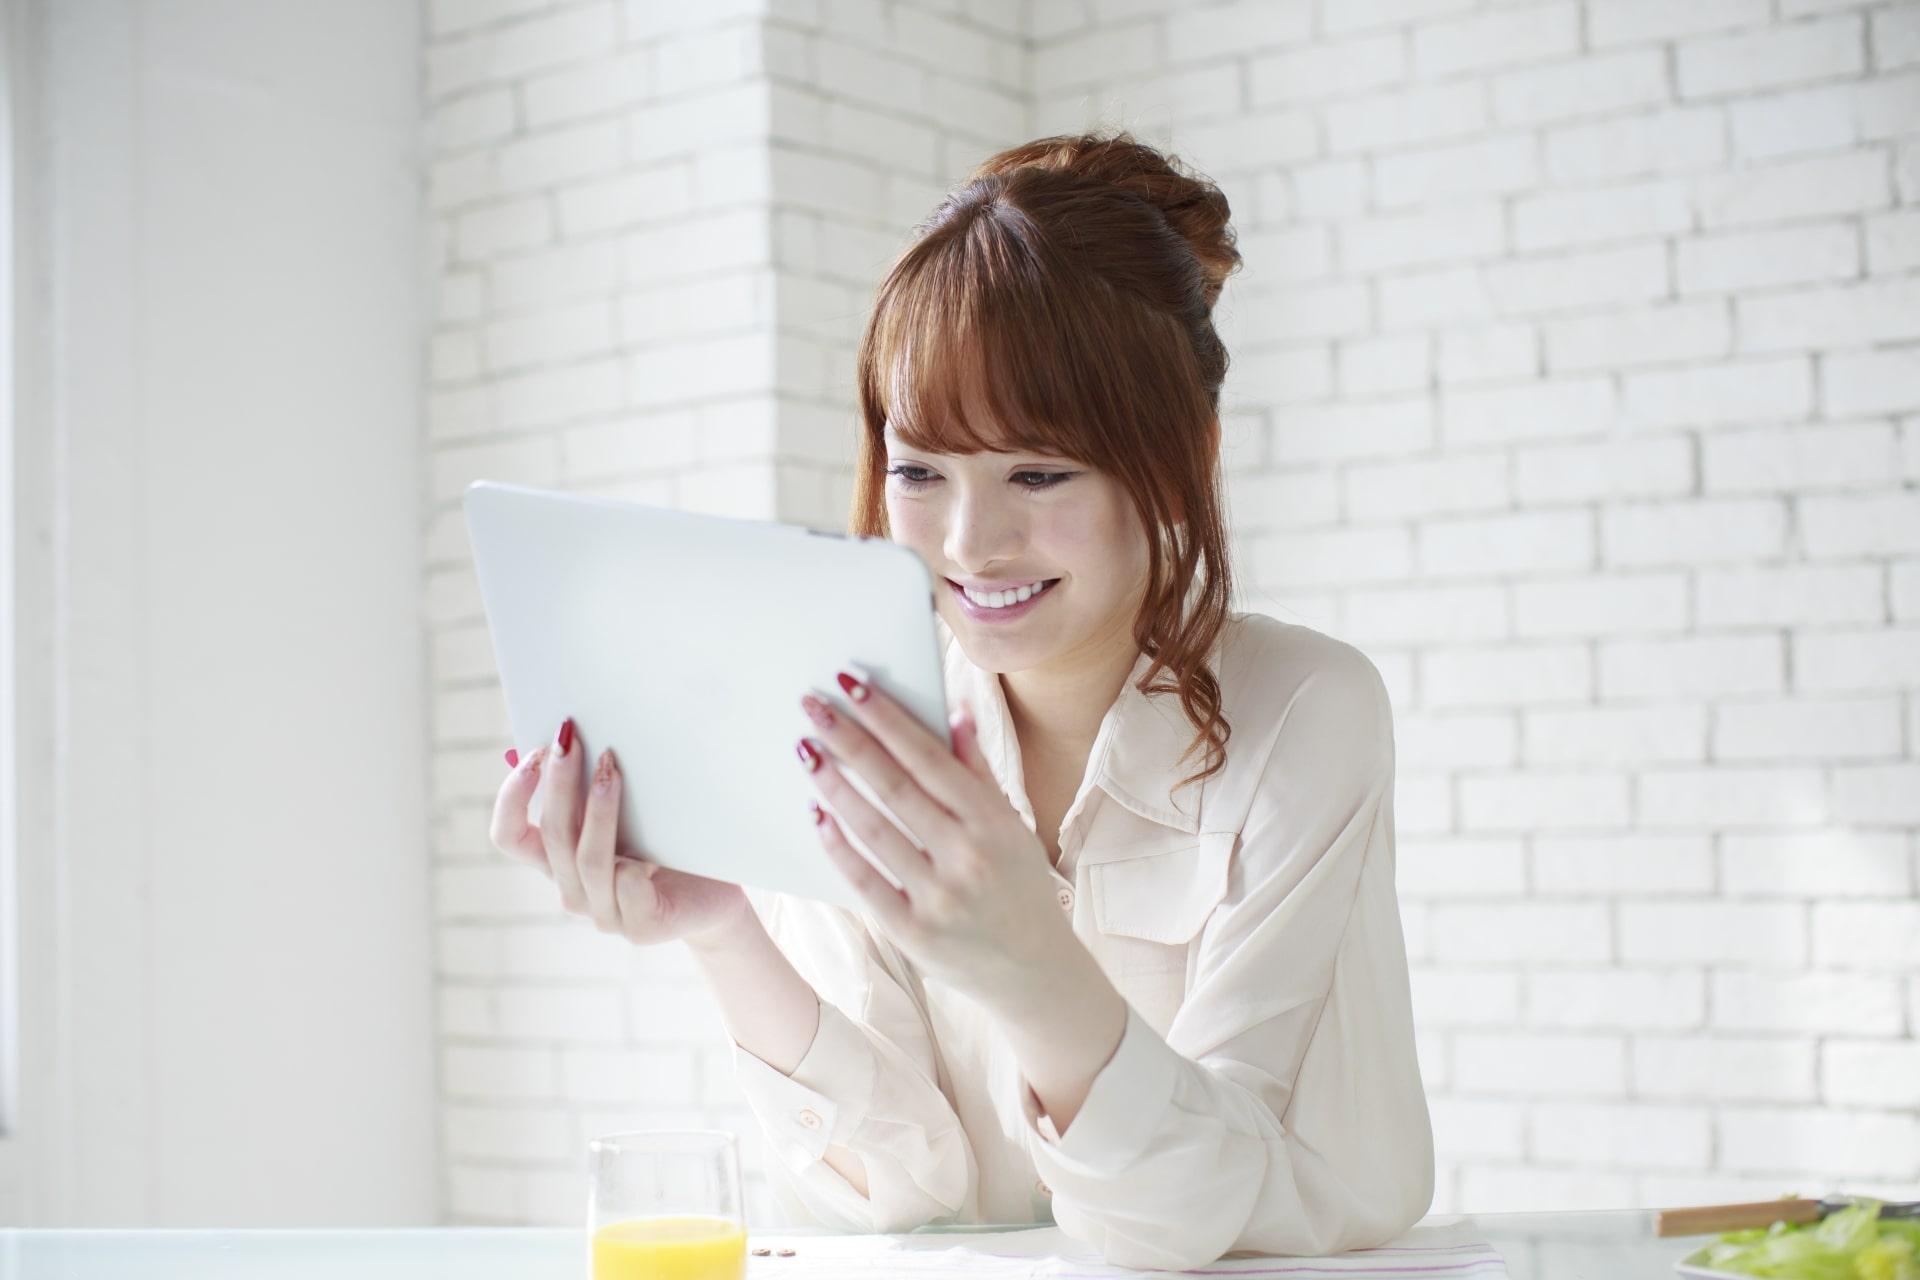 【婚活】婚活サイトで効率的に婚活をする